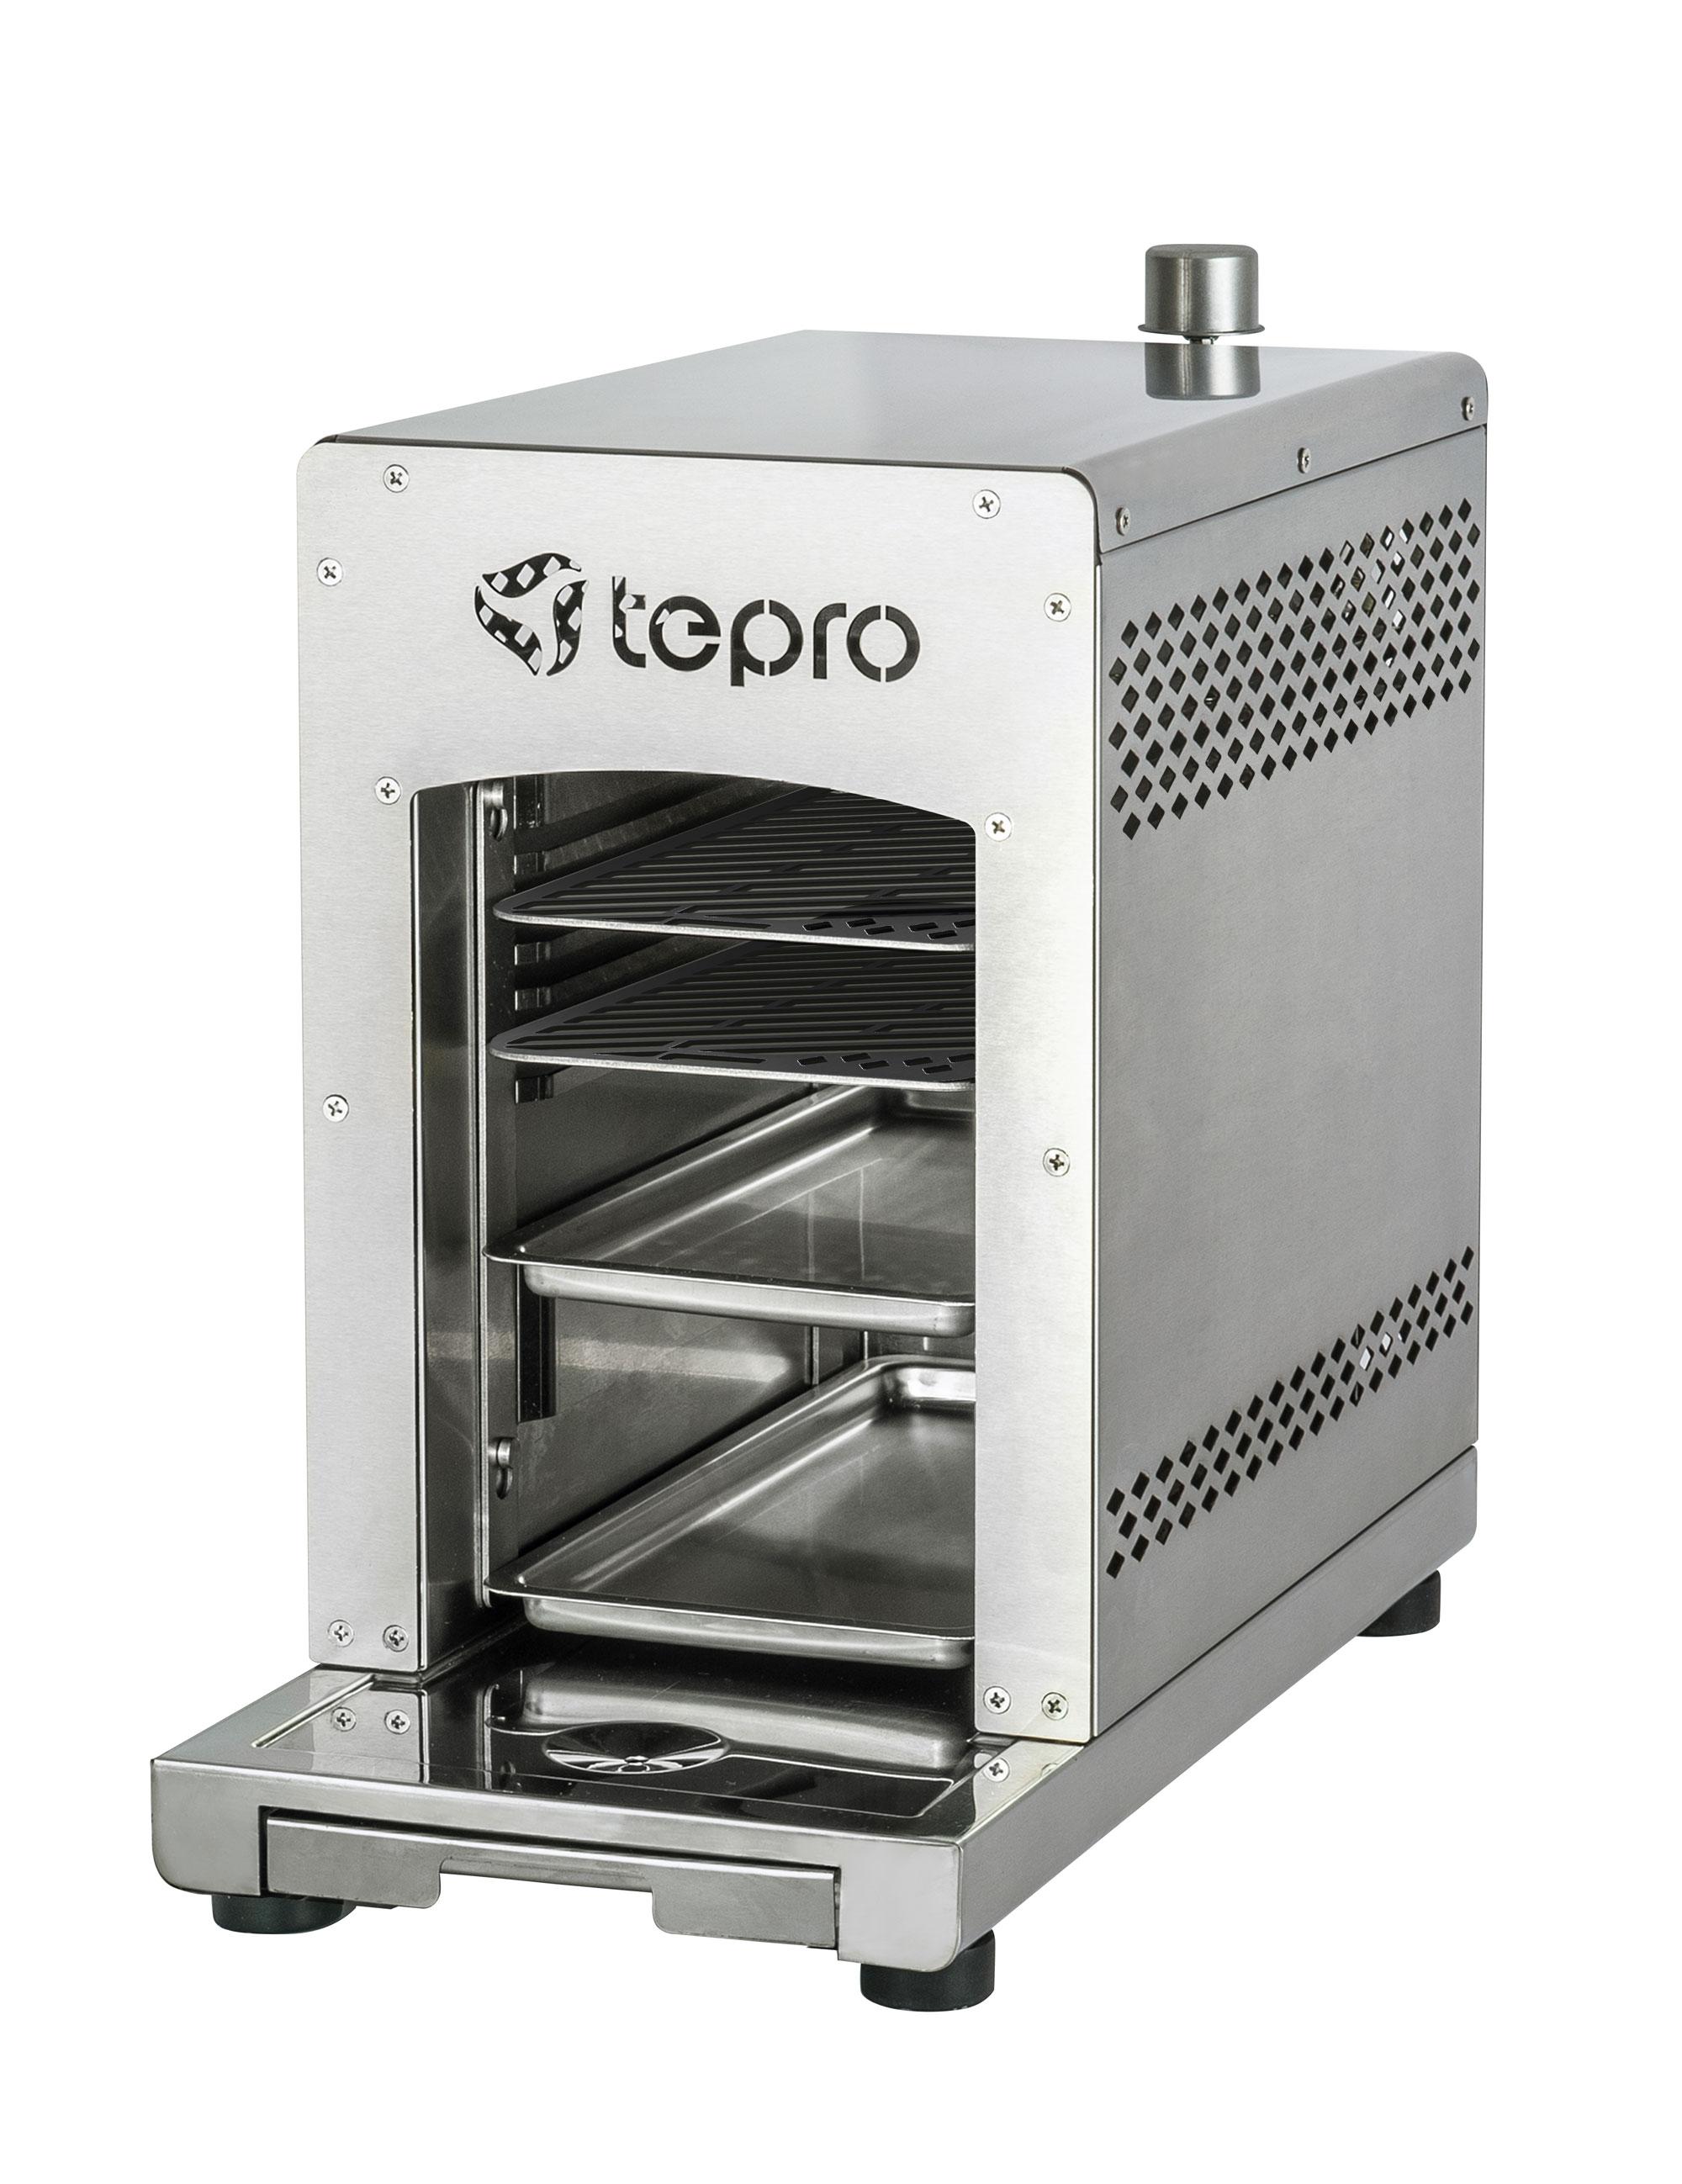 Tepro Steakgrill / Oberhitze Gasgrill / Tischgrill Toronto 31,5x15,4cm Bild 1